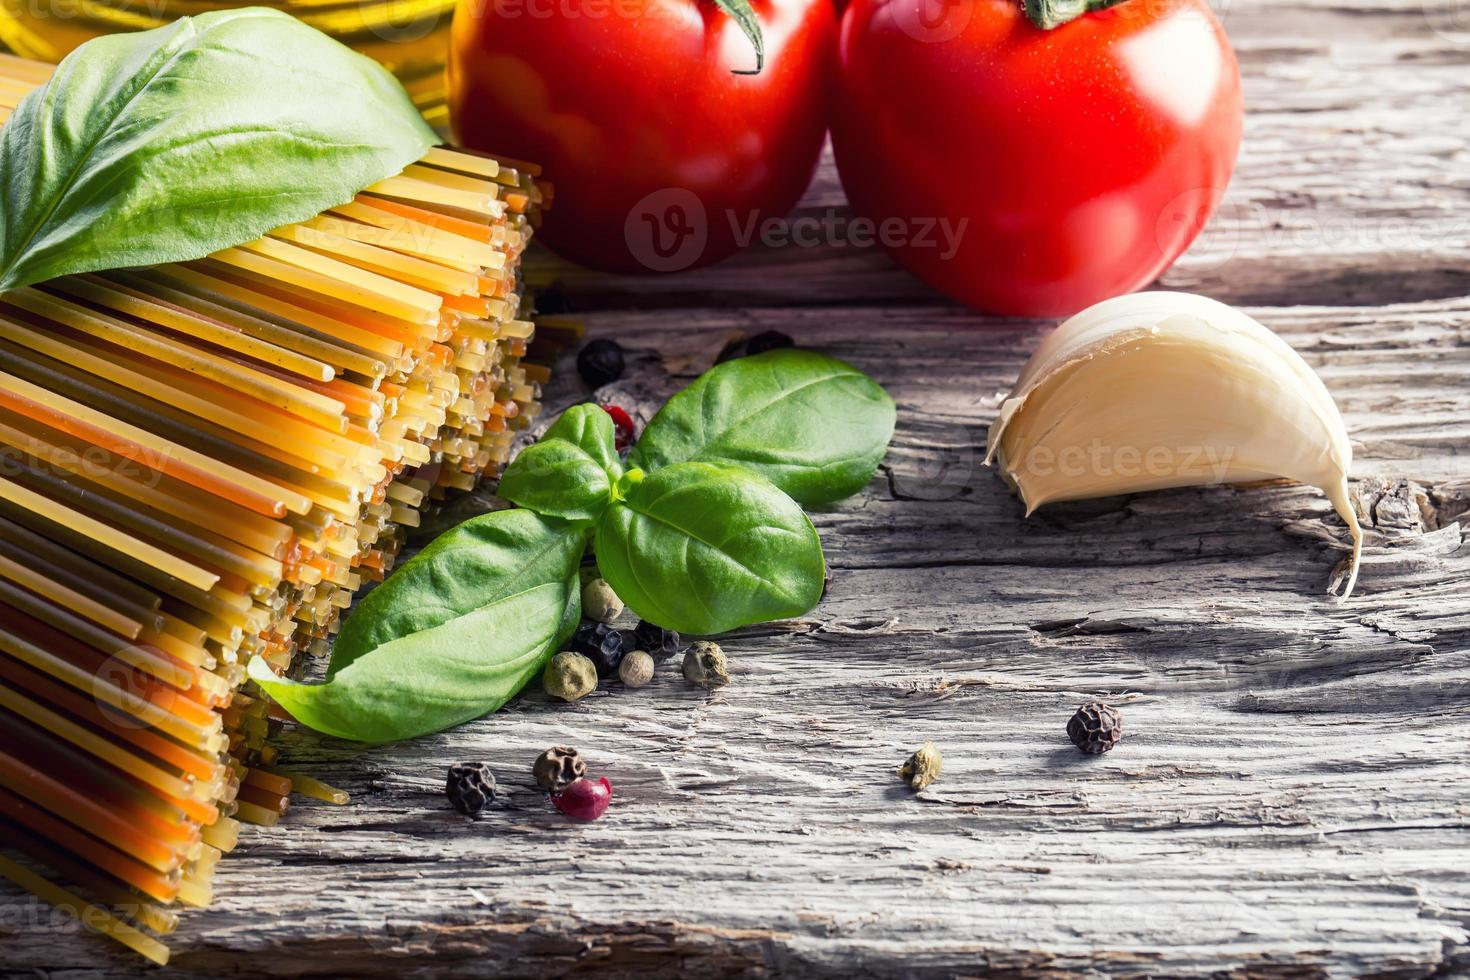 ingredienti alimentari italiani e mediterranei su fondo in legno vecchio. foto